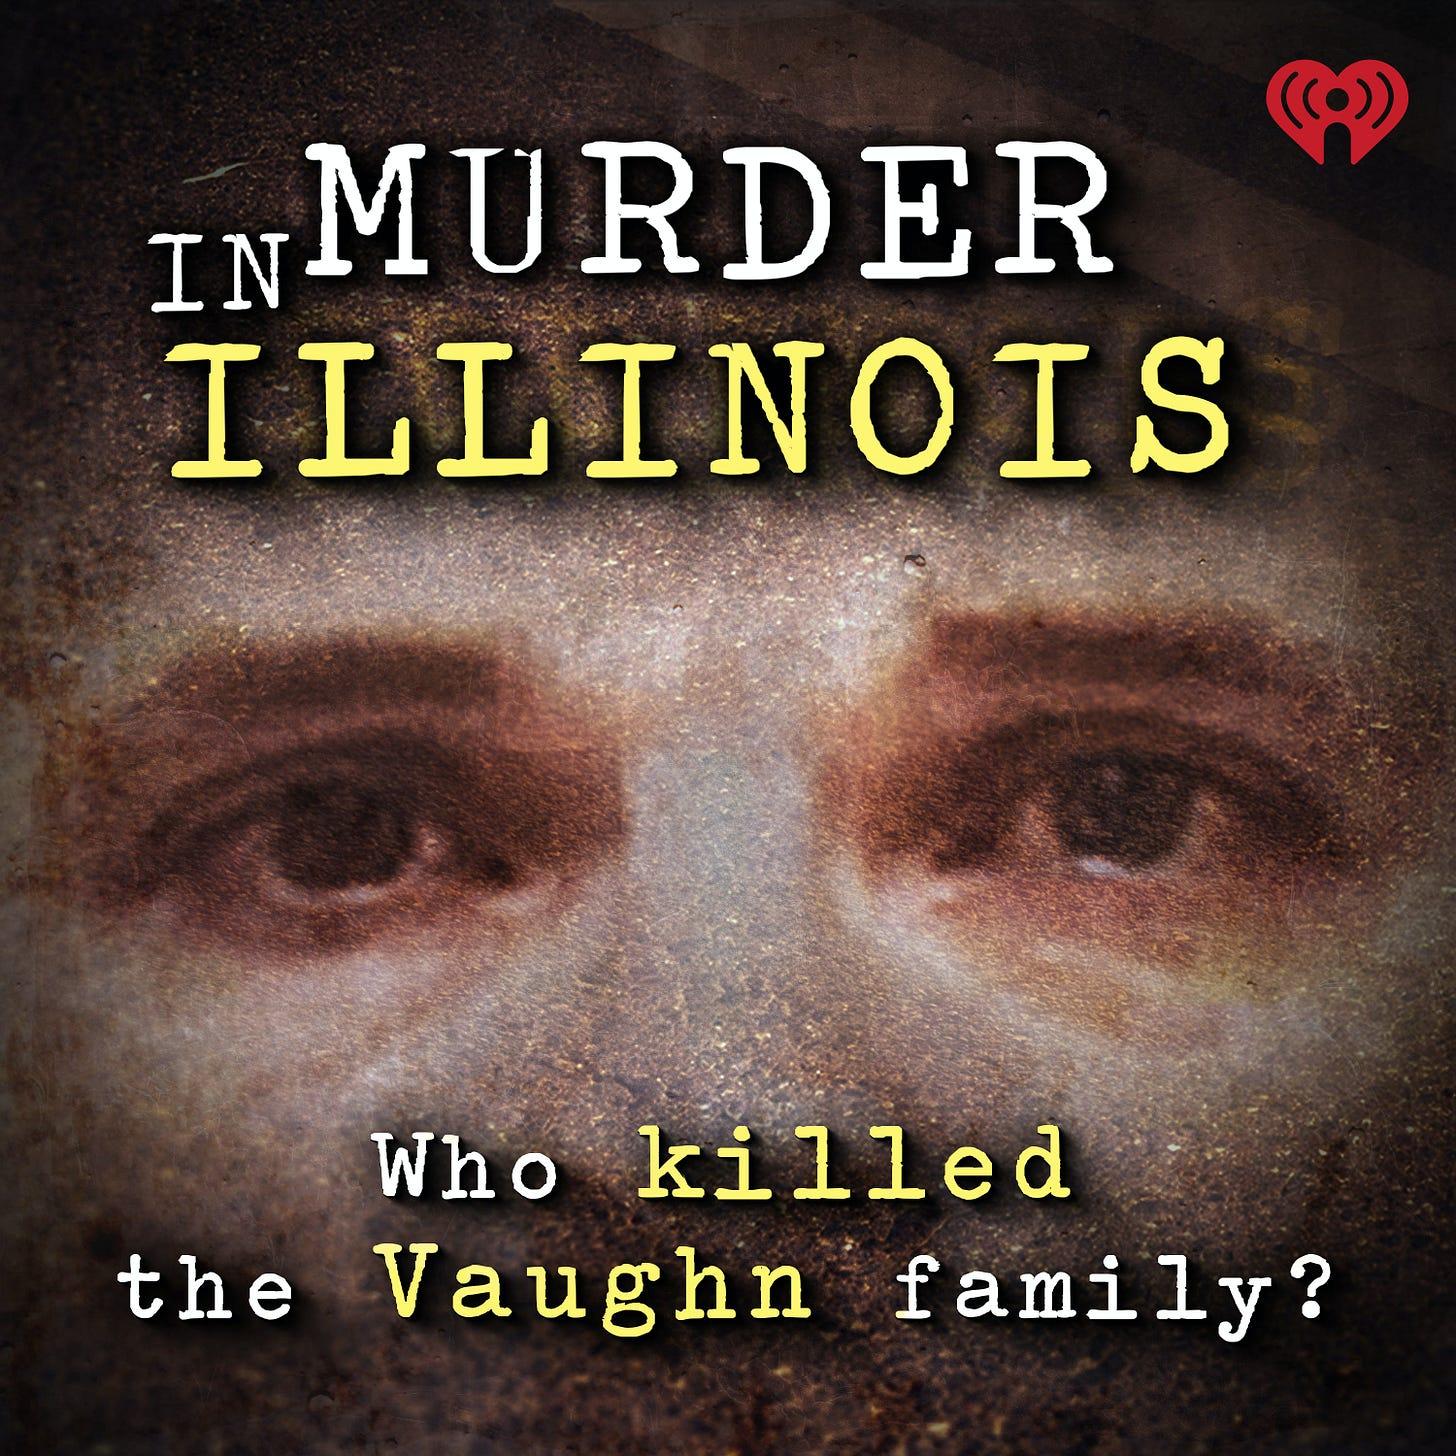 Murder In Illinois